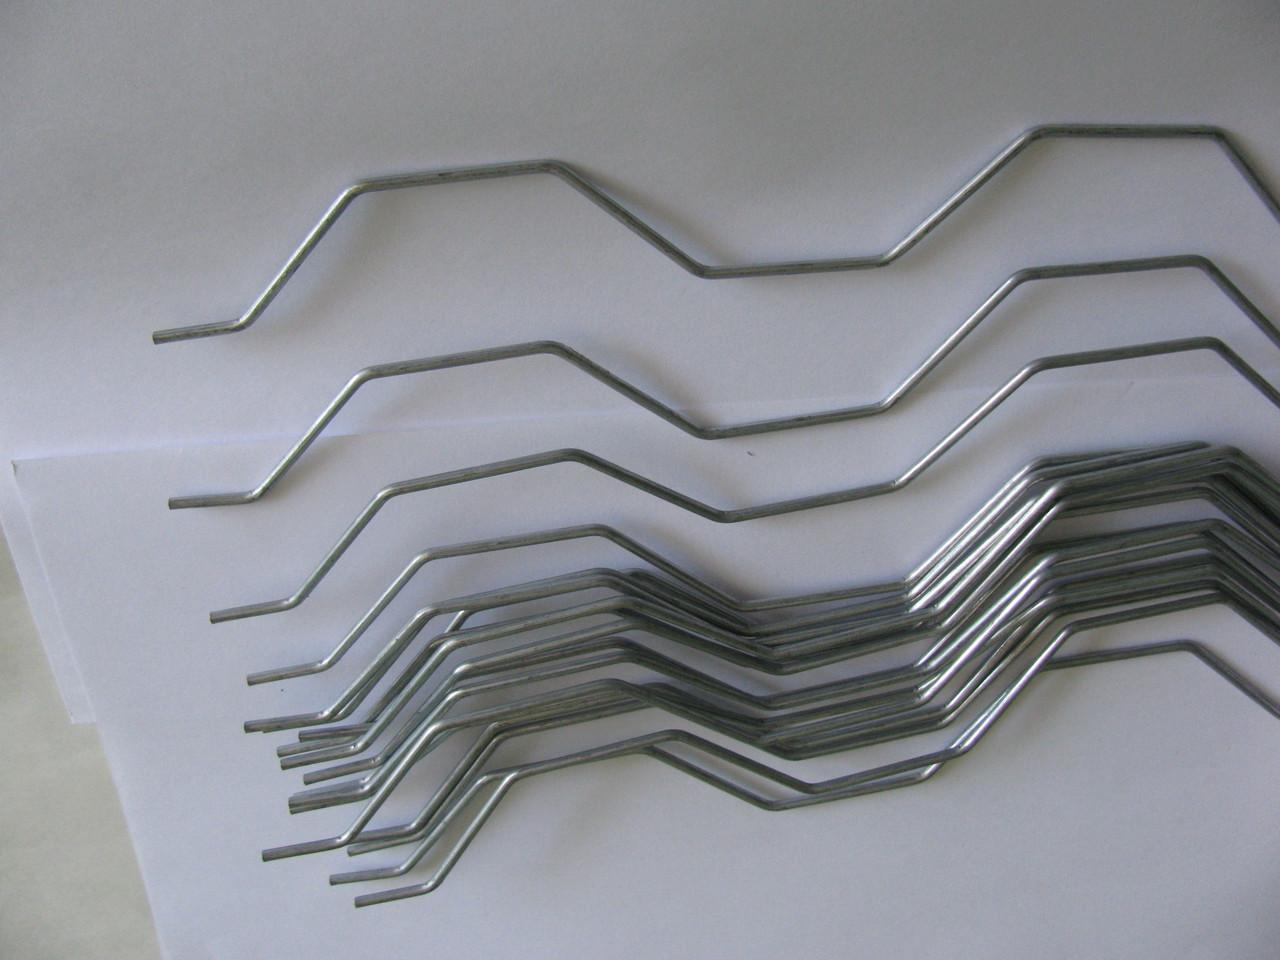 Проволока Экстра (пружина зиг-заг)  для комплектации профиля Зиг-заг